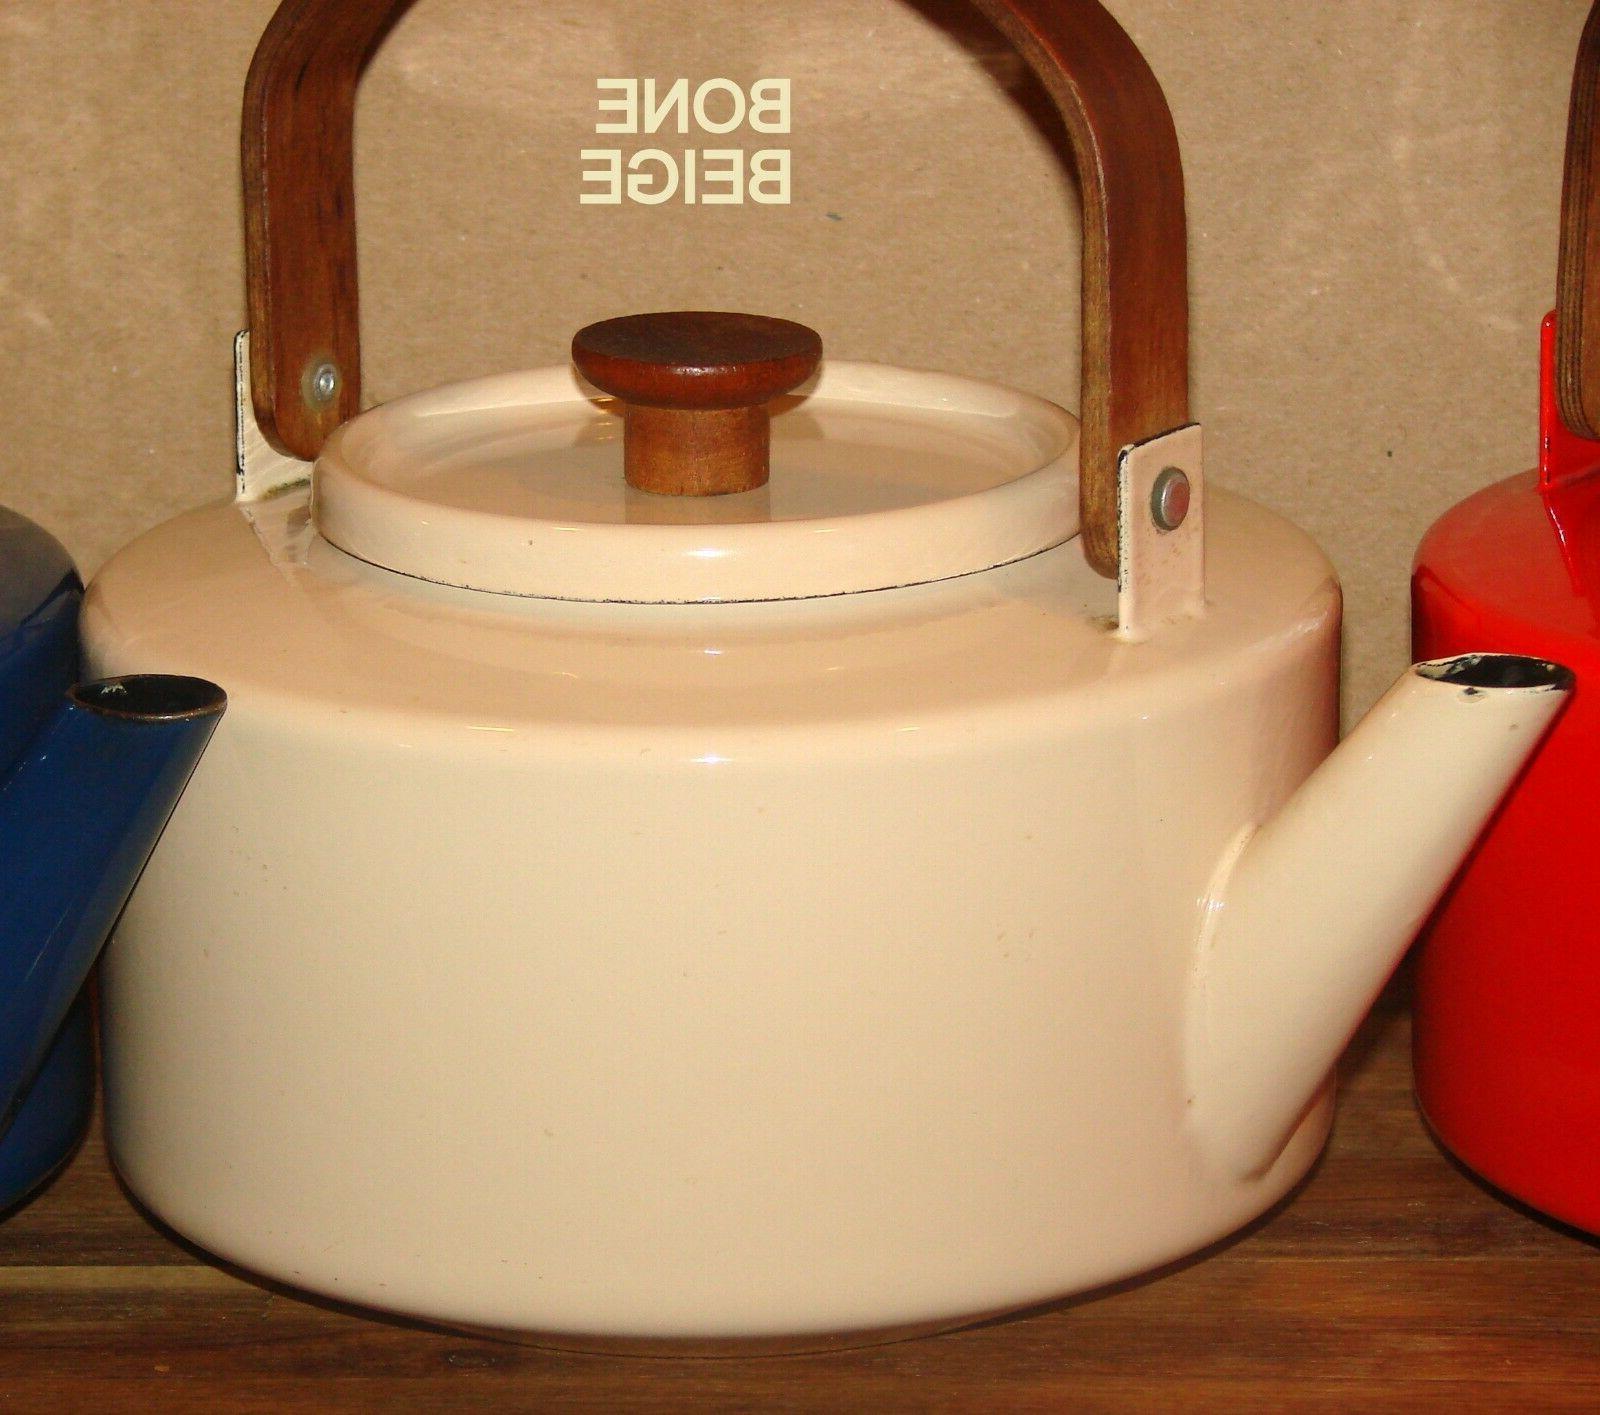 Vtg Copco Tea Kettle #117